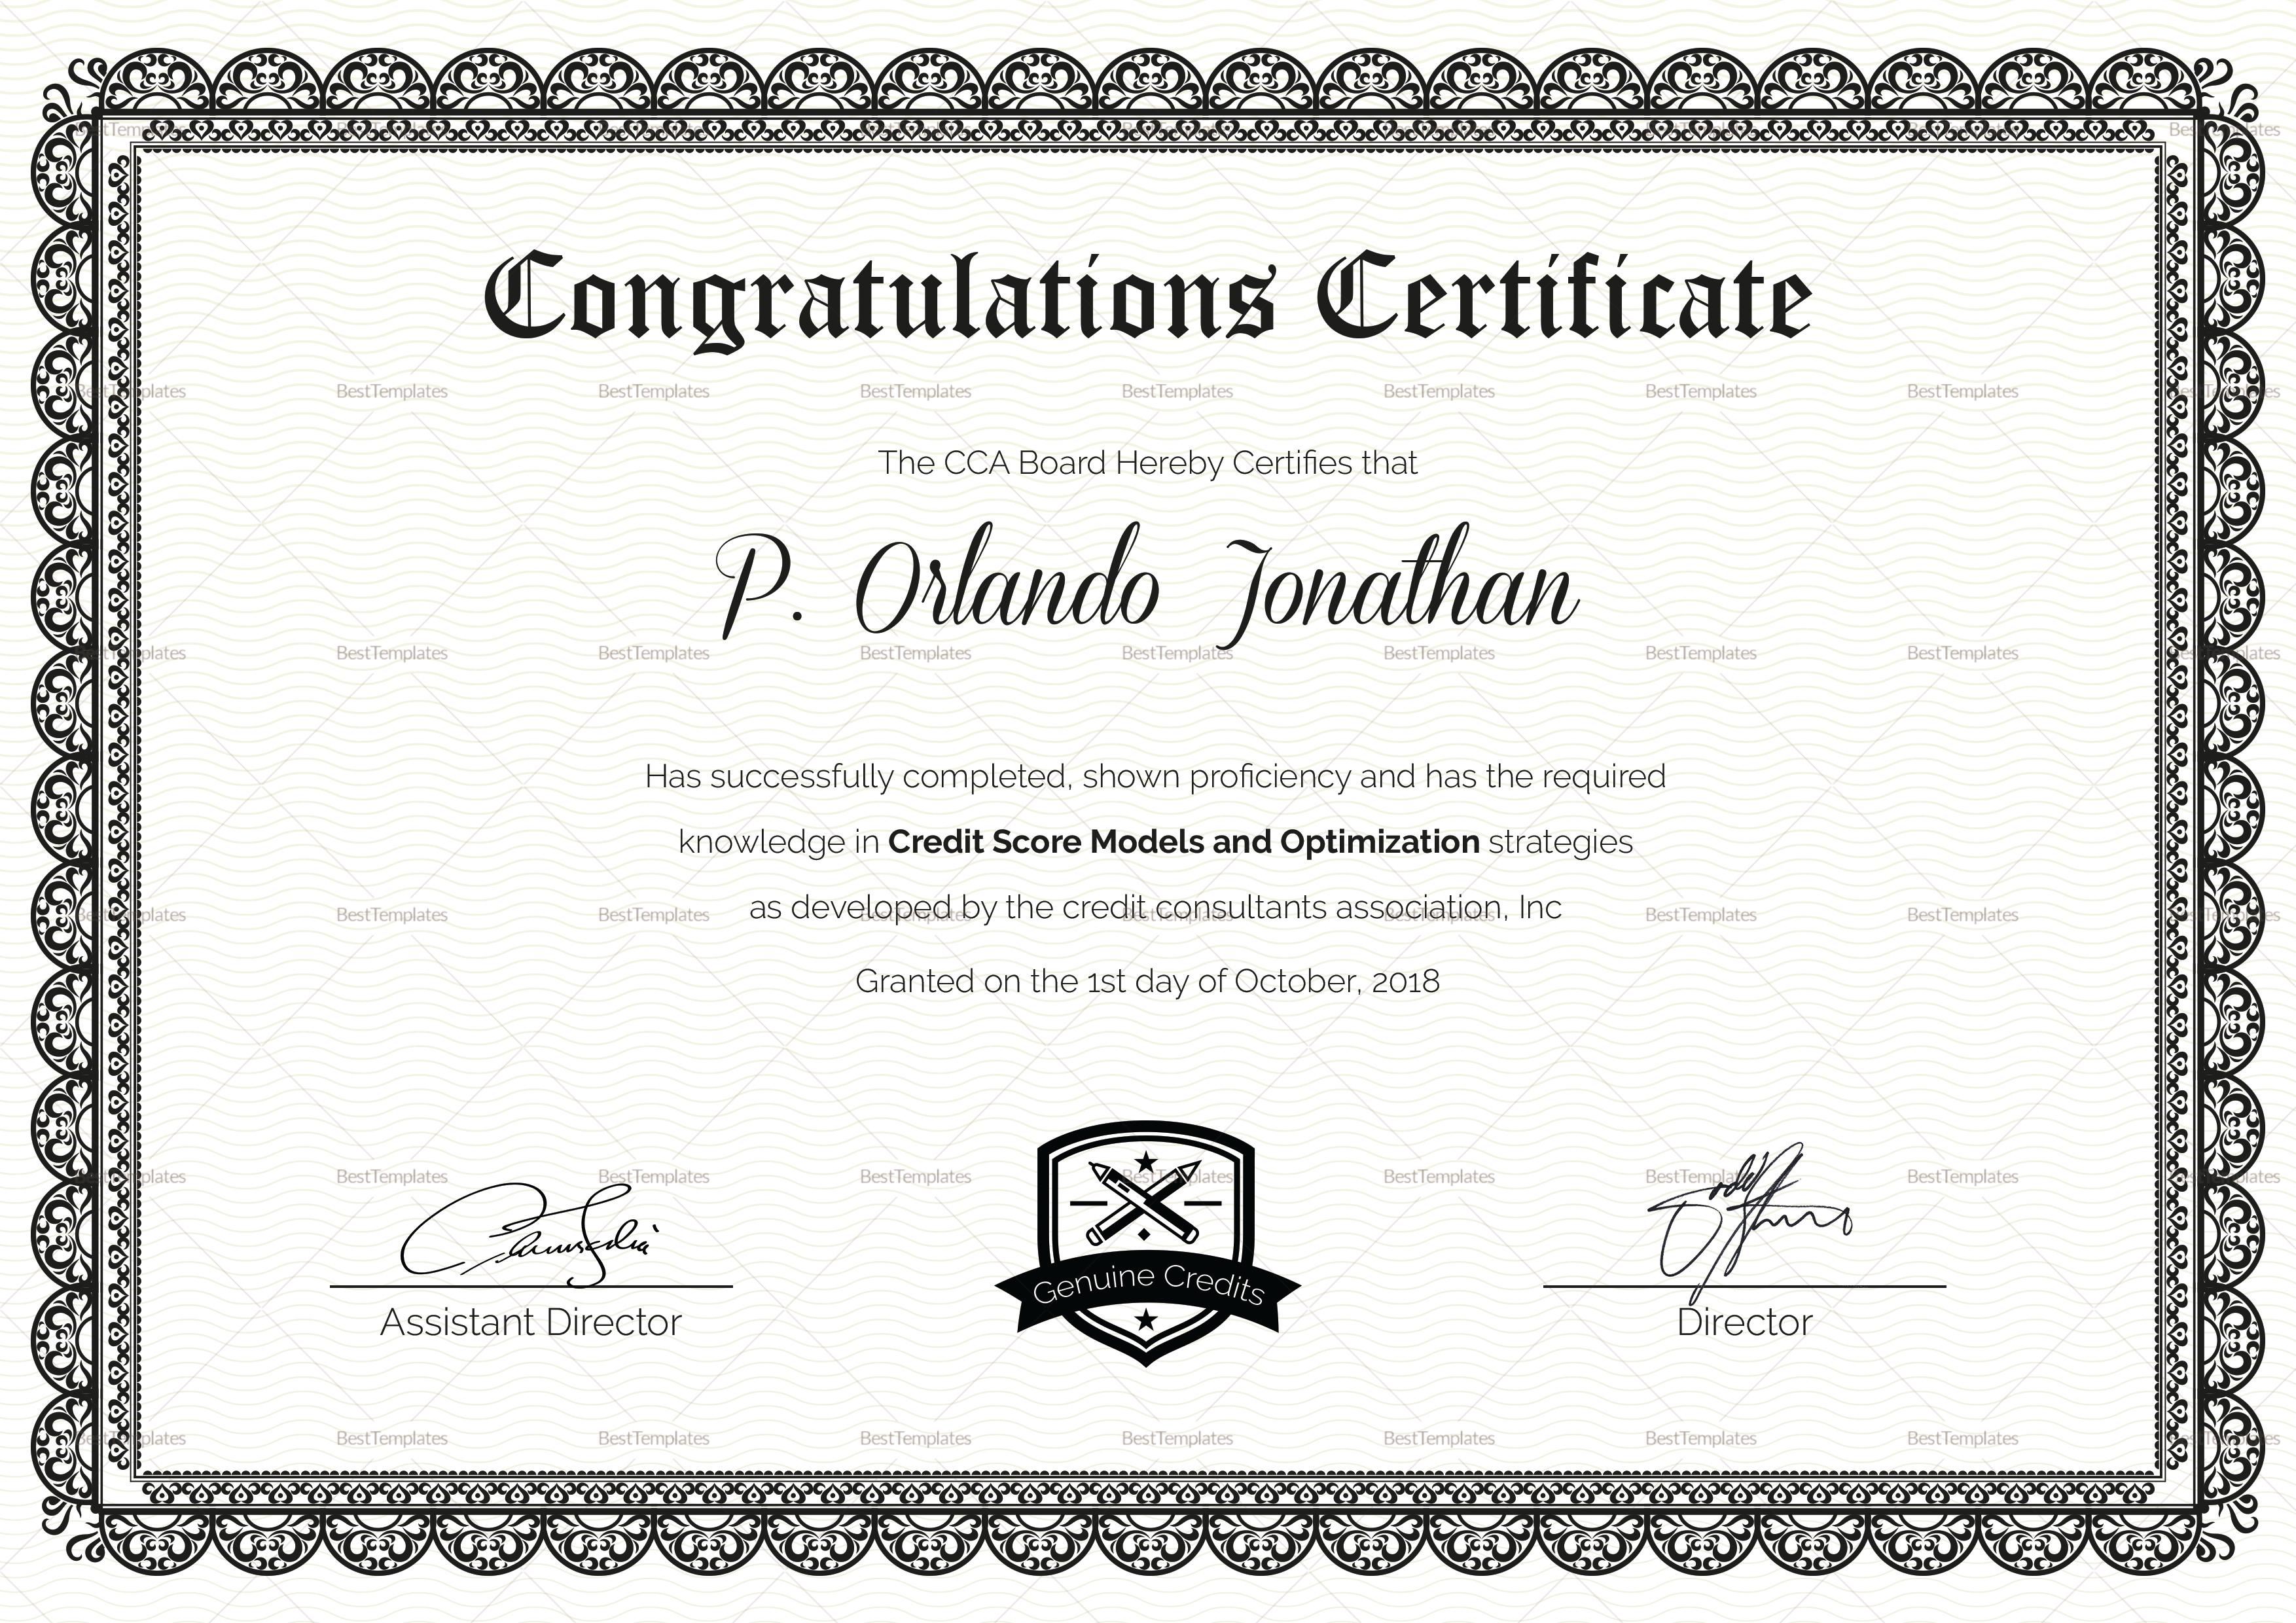 Felicitation Certificate Template 10